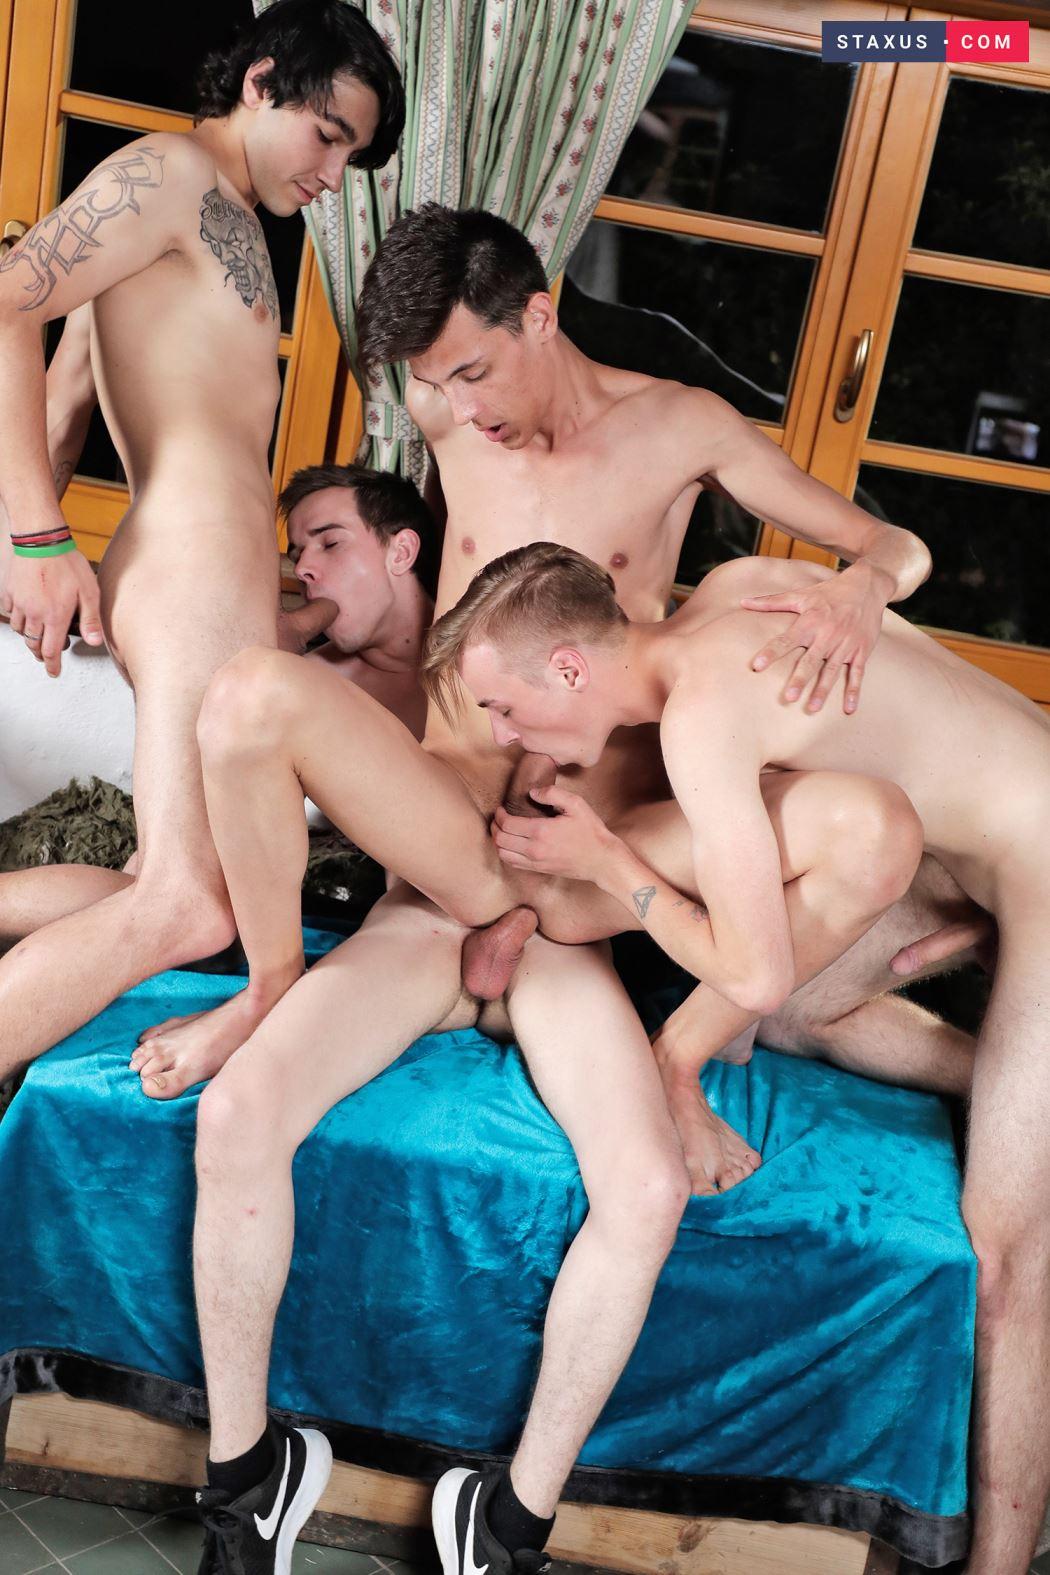 Andy Scott, Casey Flip, Vitali Kutcher and Rhys Kogan